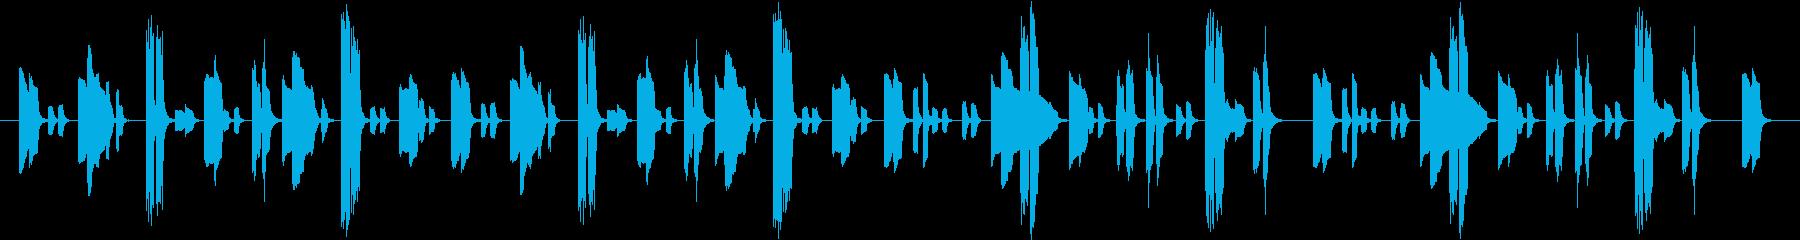 【クラシック】不思議な感じの曲です。の再生済みの波形